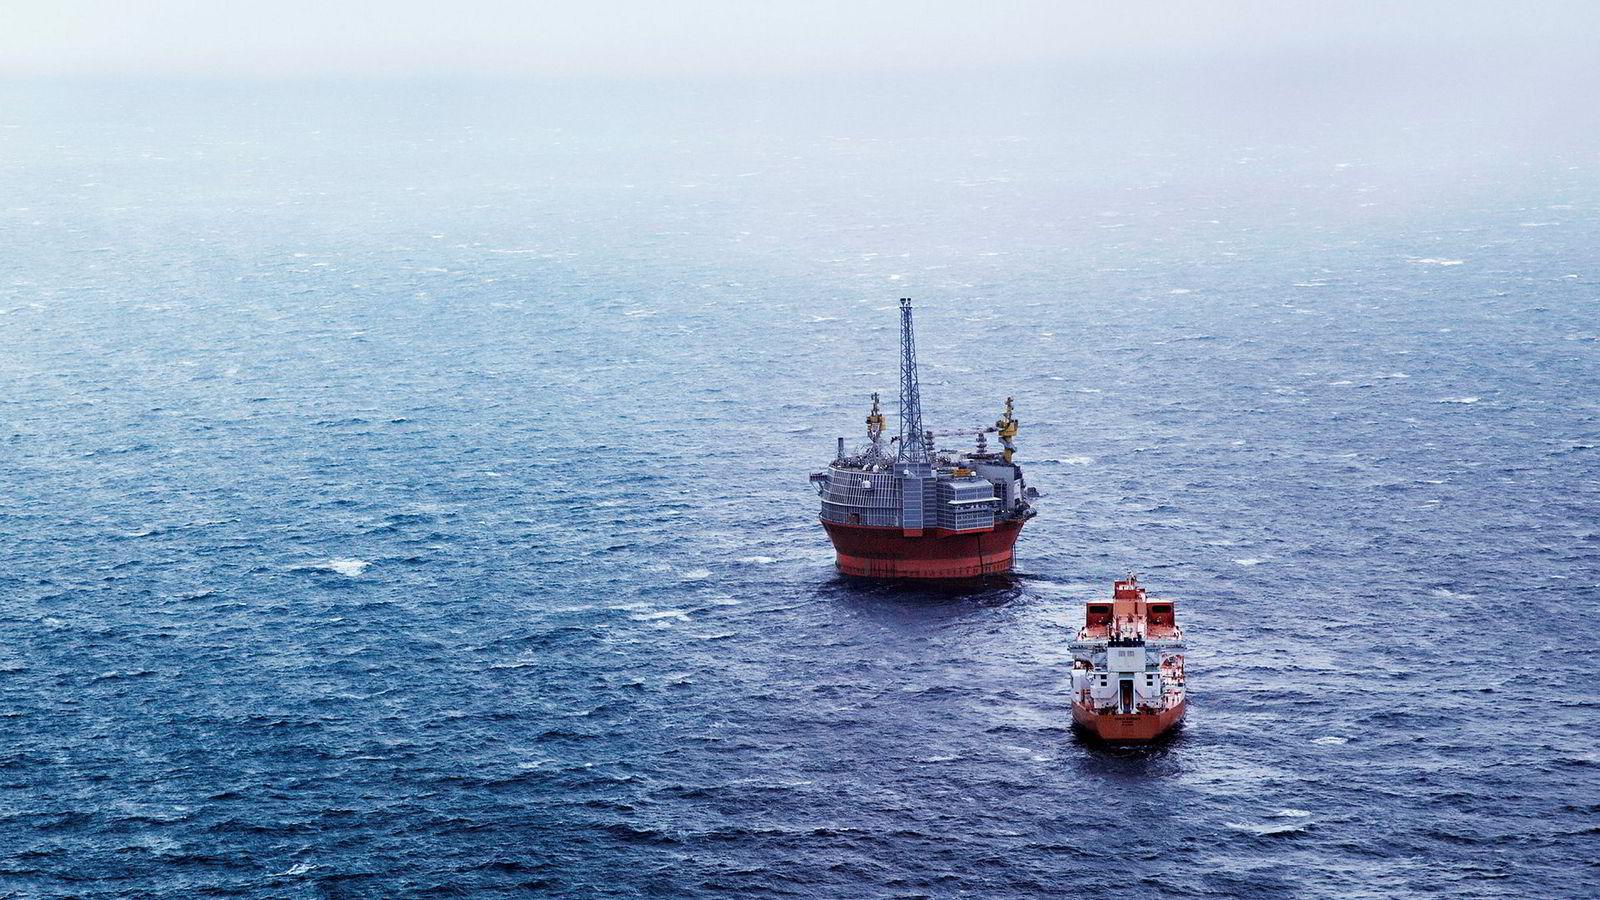 Boreriggen Goliat har ifølge Petroleumstilsynet vært drevet i strid med regelverket. Oljeproduksjonen er stengt inntil selskapet får kontroll med tennkilder som kan forårsake eksplosjon.